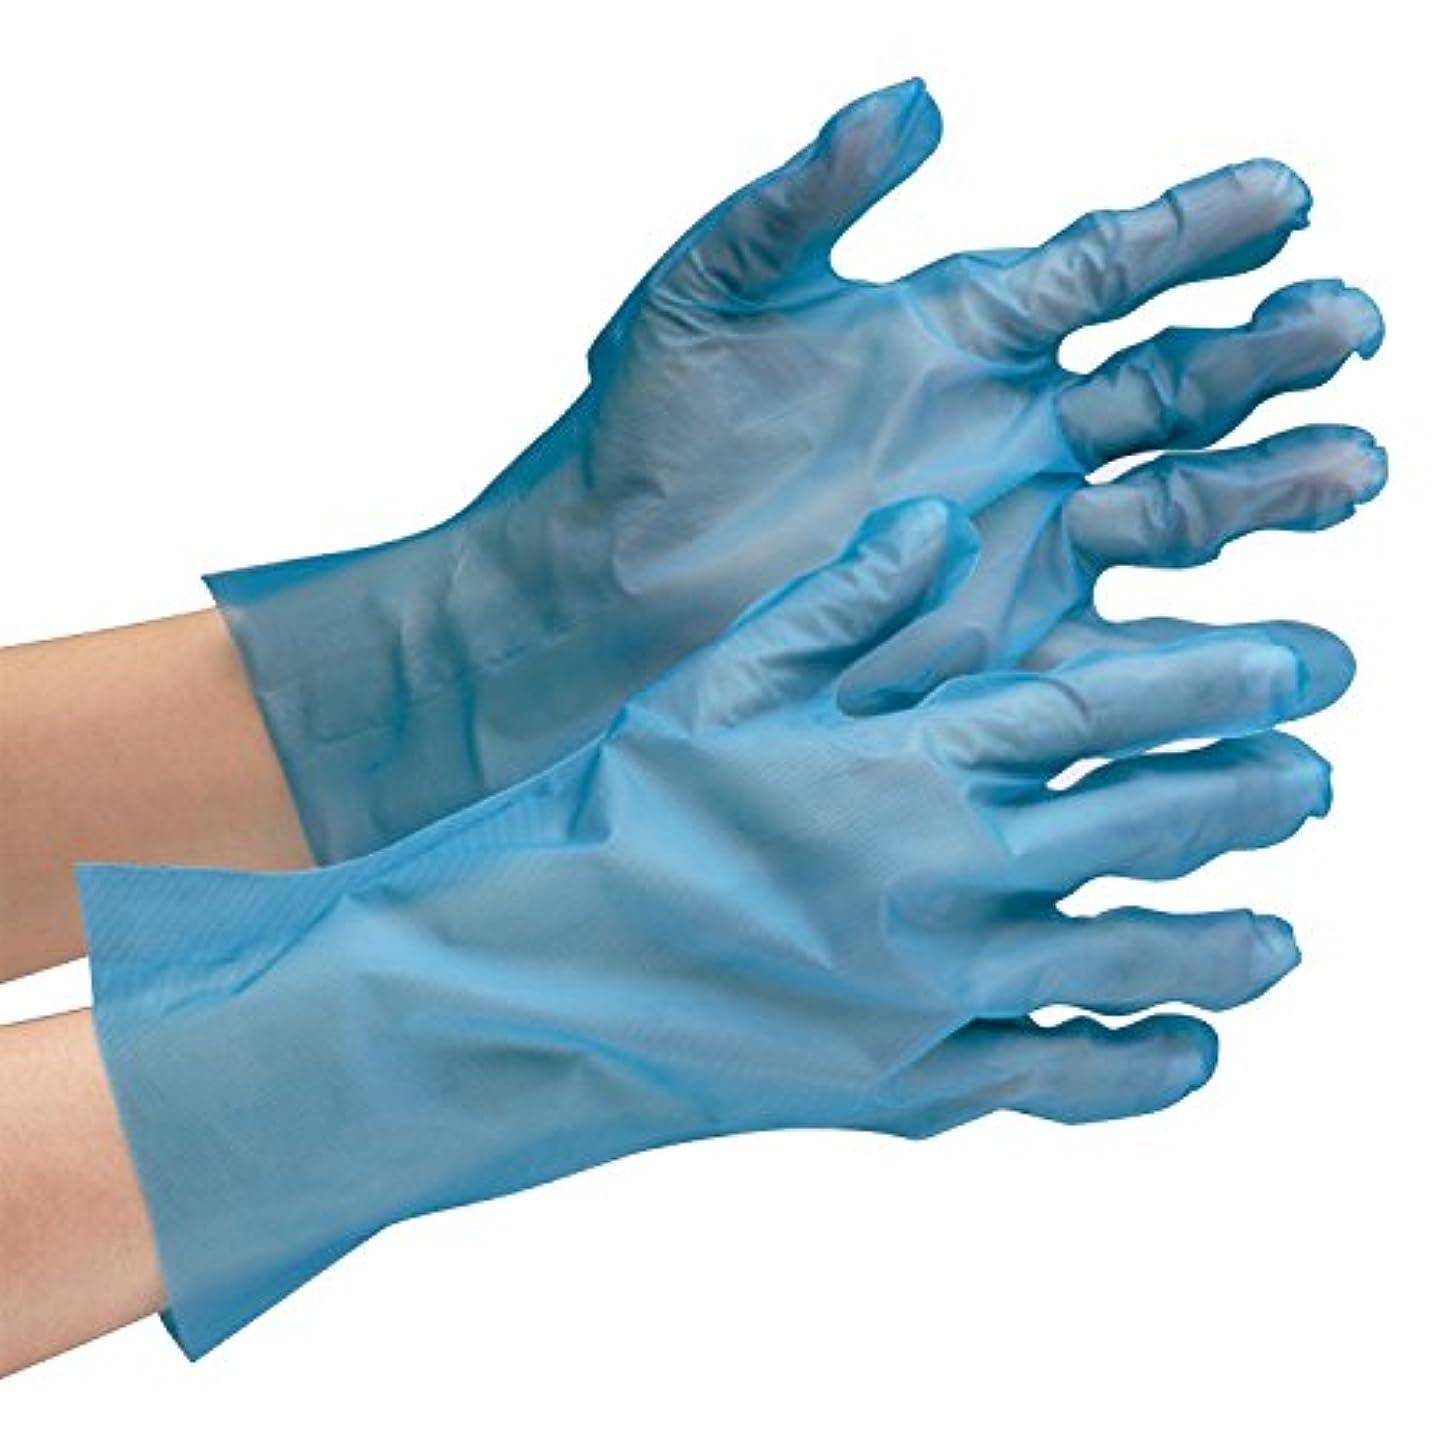 あざ率直なアクセントミドリ安全 ポリエチレン製ディスポ手袋 ベルテ576 ブルー 200枚入